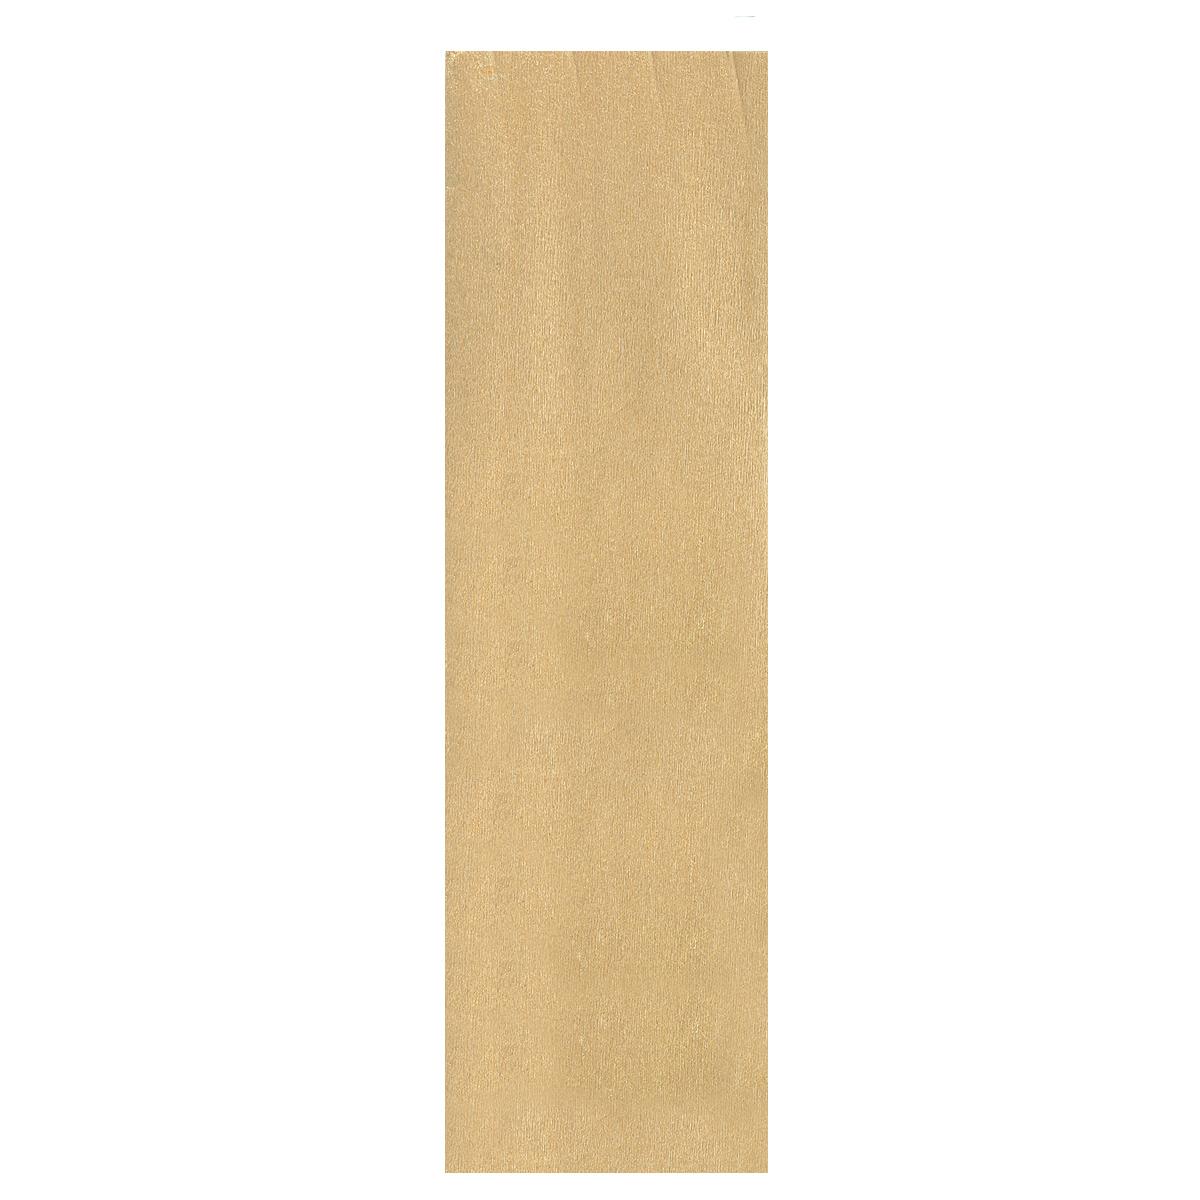 Бумага крепированная Проф-Пресс, металлизированная, цвет: золотистый, 50 х 250 см97775318Крепированная металлизированная бумага Проф-Пресс - отличный вариант для воплощения творческих идей не только детей, но и взрослых. Она отлично подойдет для упаковки хрупких изделий, при оформлении букетов, создании сложных цветовых композиций, для декорирования и других оформительских работ. Бумага обладает повышенной прочностью и жесткостью, хорошо растягивается, имеет жатую поверхность.Кроме того, металлизированная бумага Проф-Пресс поможет увлечь ребенка, развивая интерес к художественному творчеству, эстетический вкус и восприятие, увеличивая желание делать подарки своими руками, воспитывая самостоятельность и аккуратность в работе. Такая бумага поможет вашему ребенку раскрыть свои таланты.